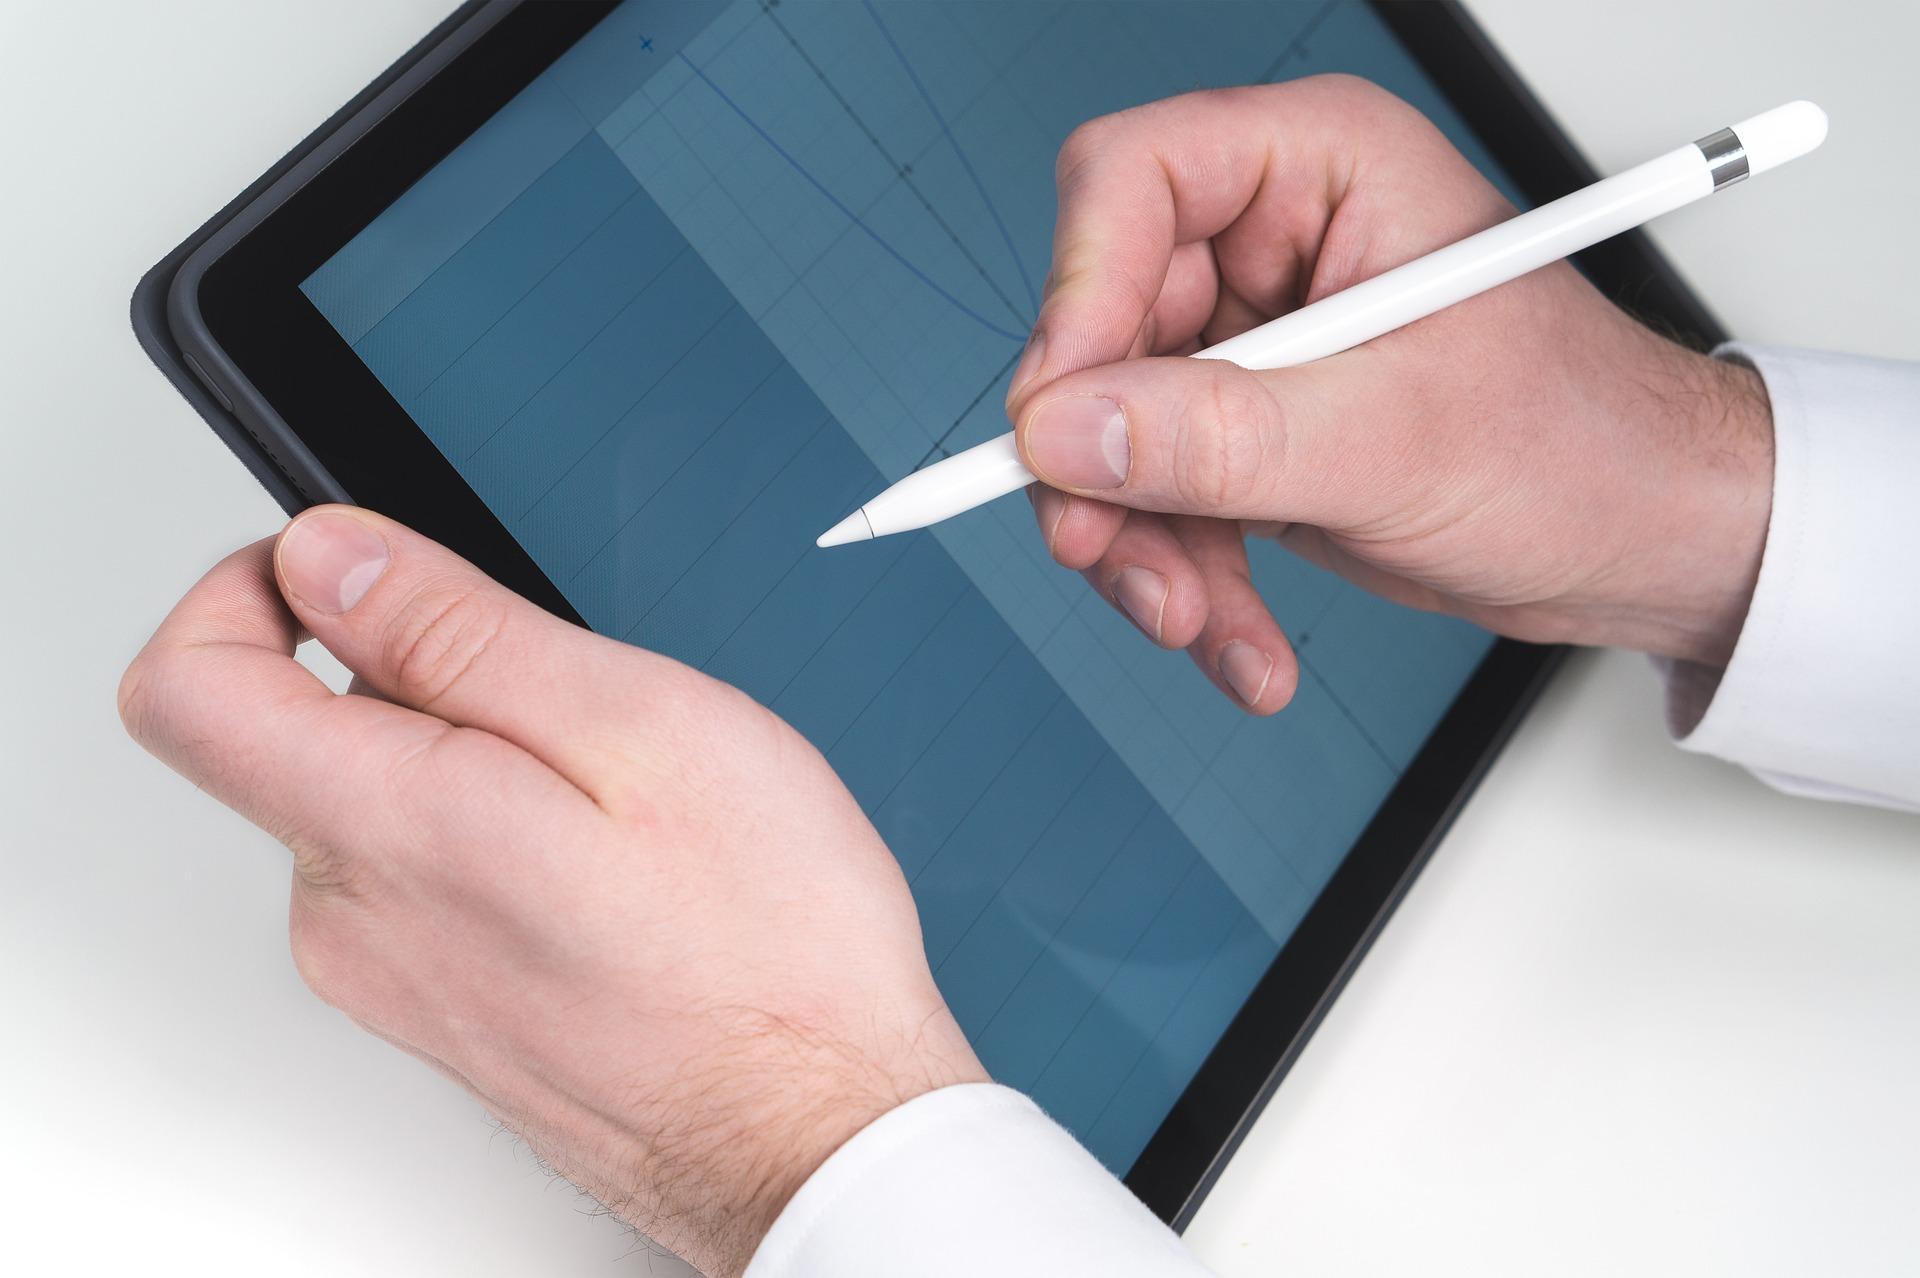 tablet 2188369 1920 - wordpressのアクセス解析プラグイン7つ!初心者向けにやり方を徹底的に解説